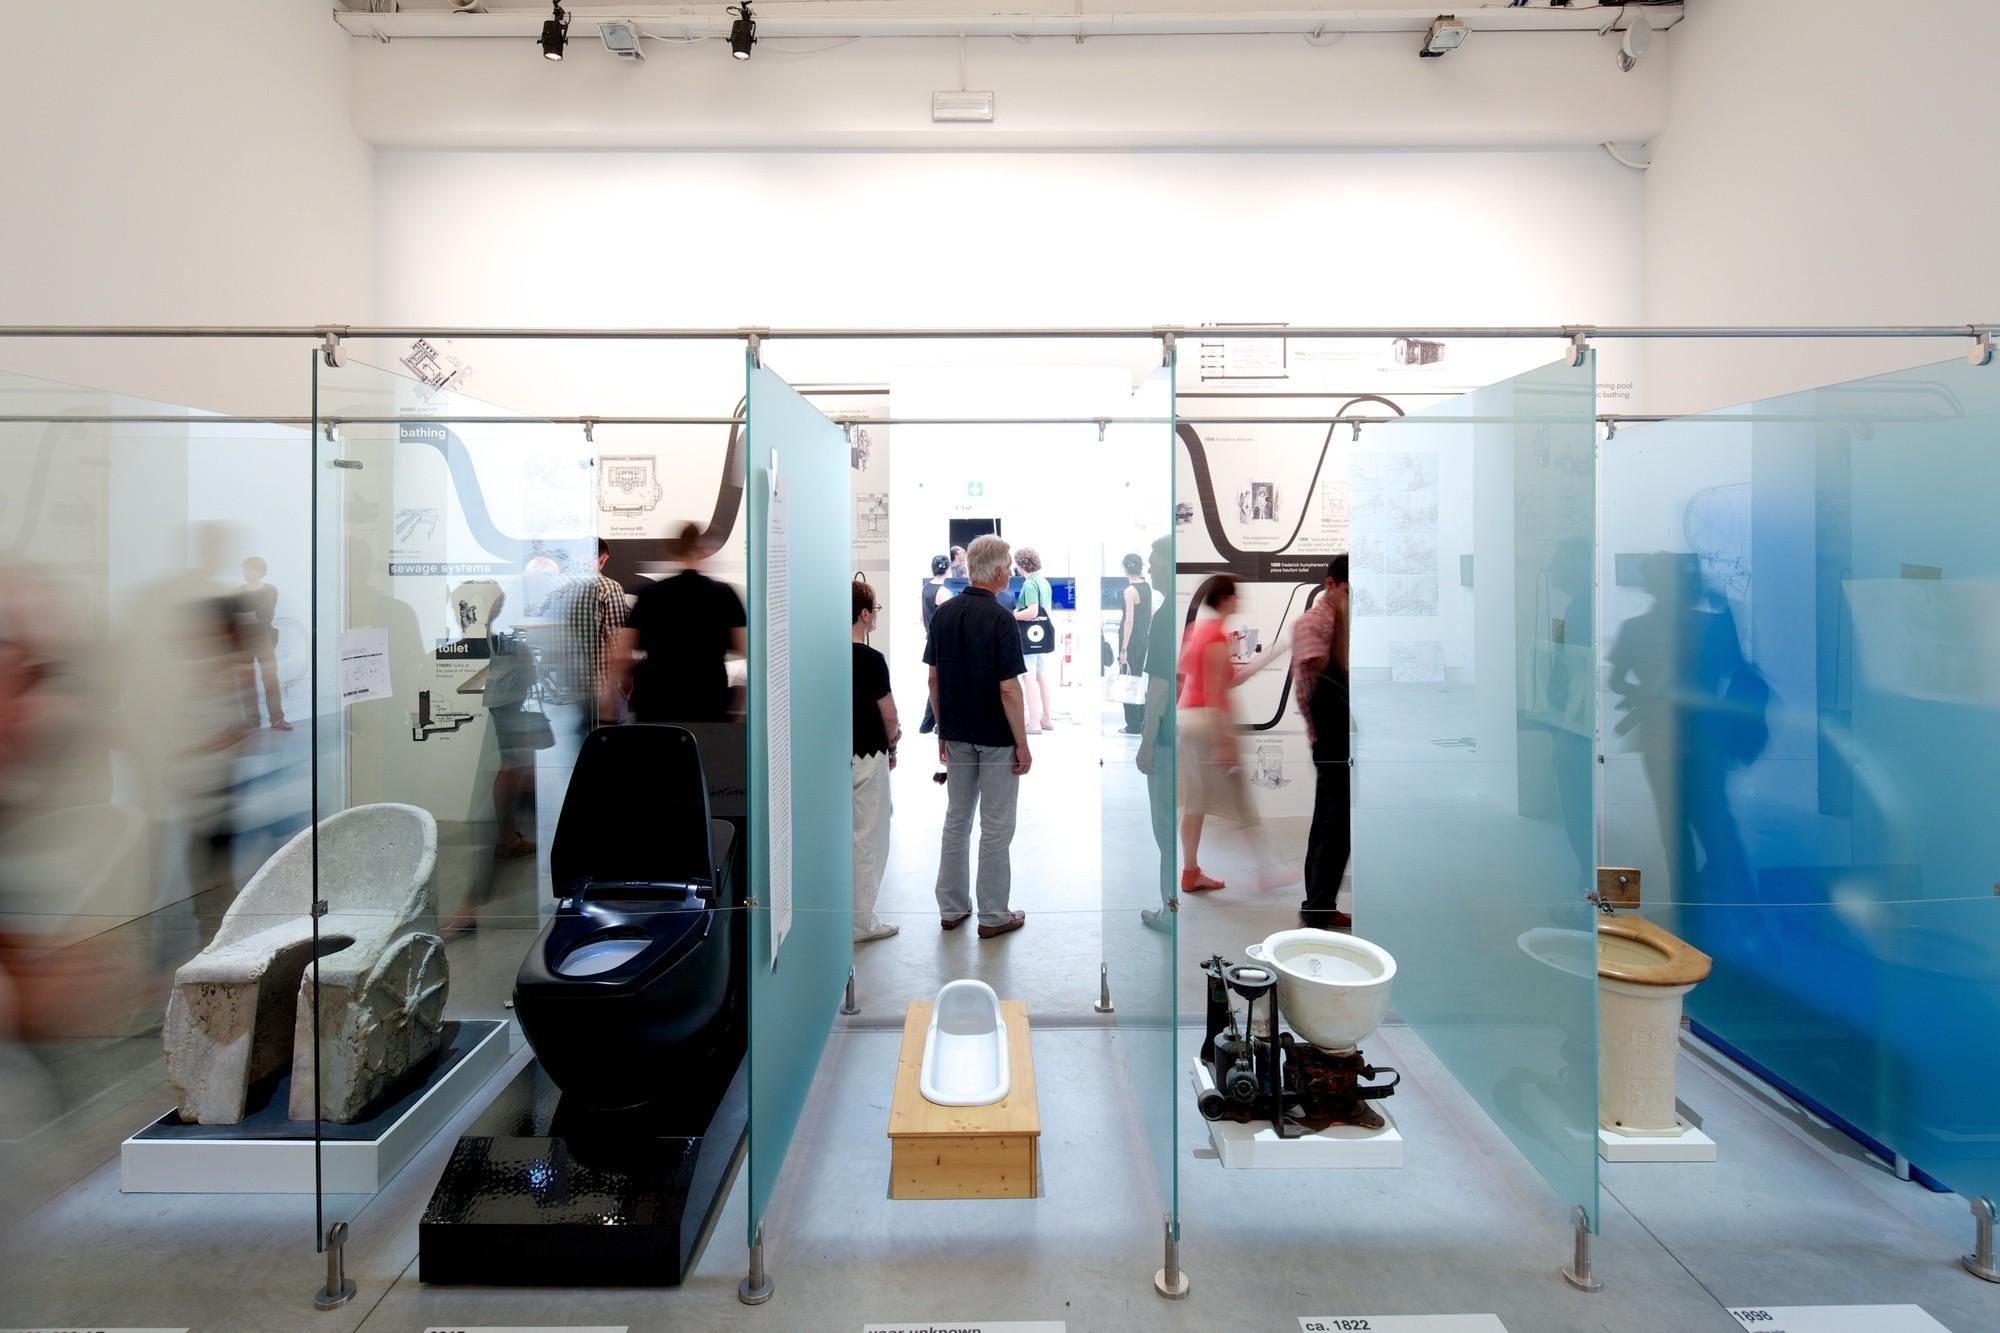 """Light Matters: El elemento ausente en la Bienal de Venecia, Sanitarios, en """"Elementos de la Arquitectura"""" en la Bienal de Venecia. Imágen © Nico Saieh"""